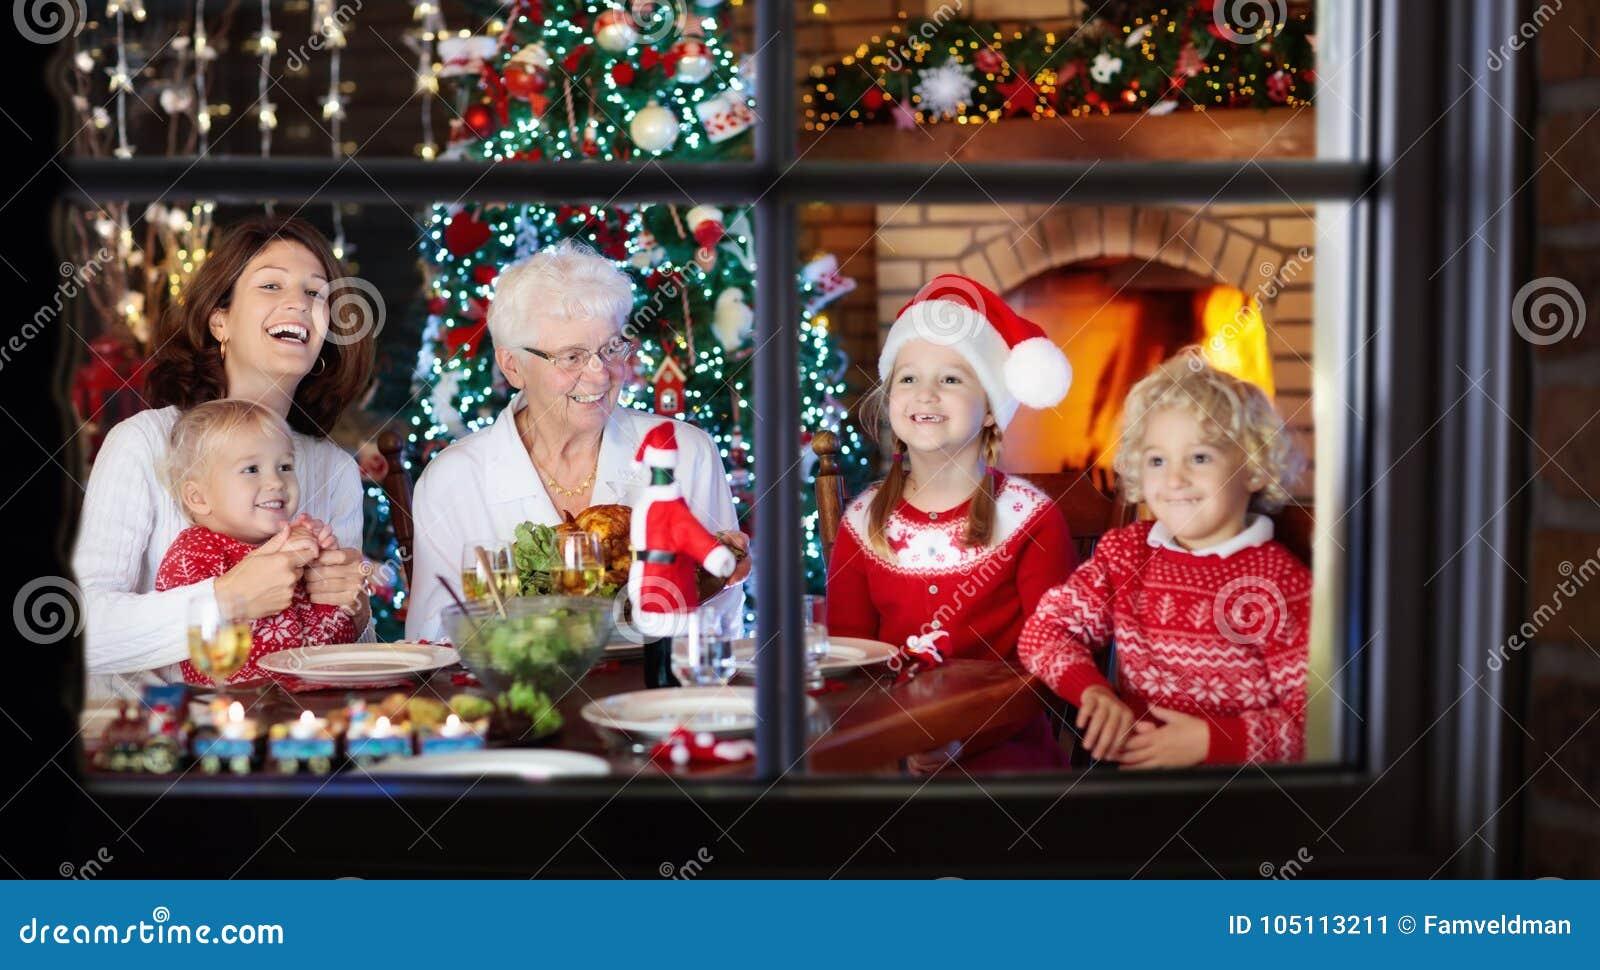 Dîner de Noël Famille avec des enfants à l arbre de Noël